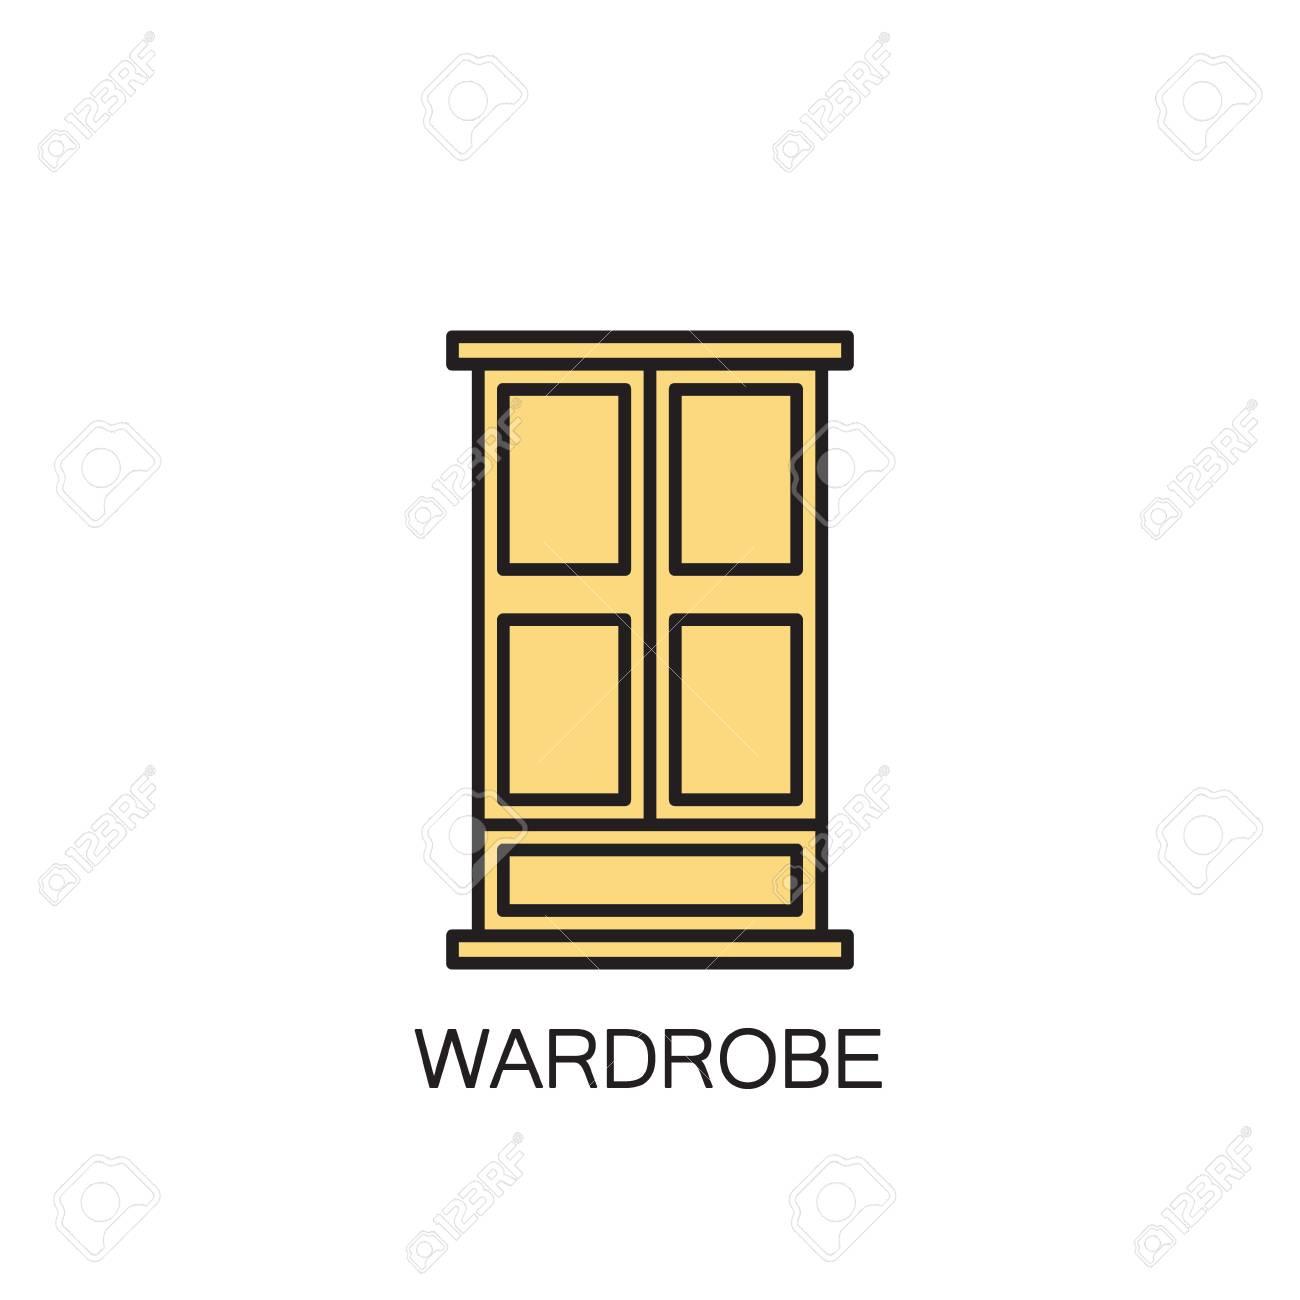 pictogramme de haute qualite de garde robe pour l interieur de la maison symbole de vecteur de contour pour site web de conception ou application mobile